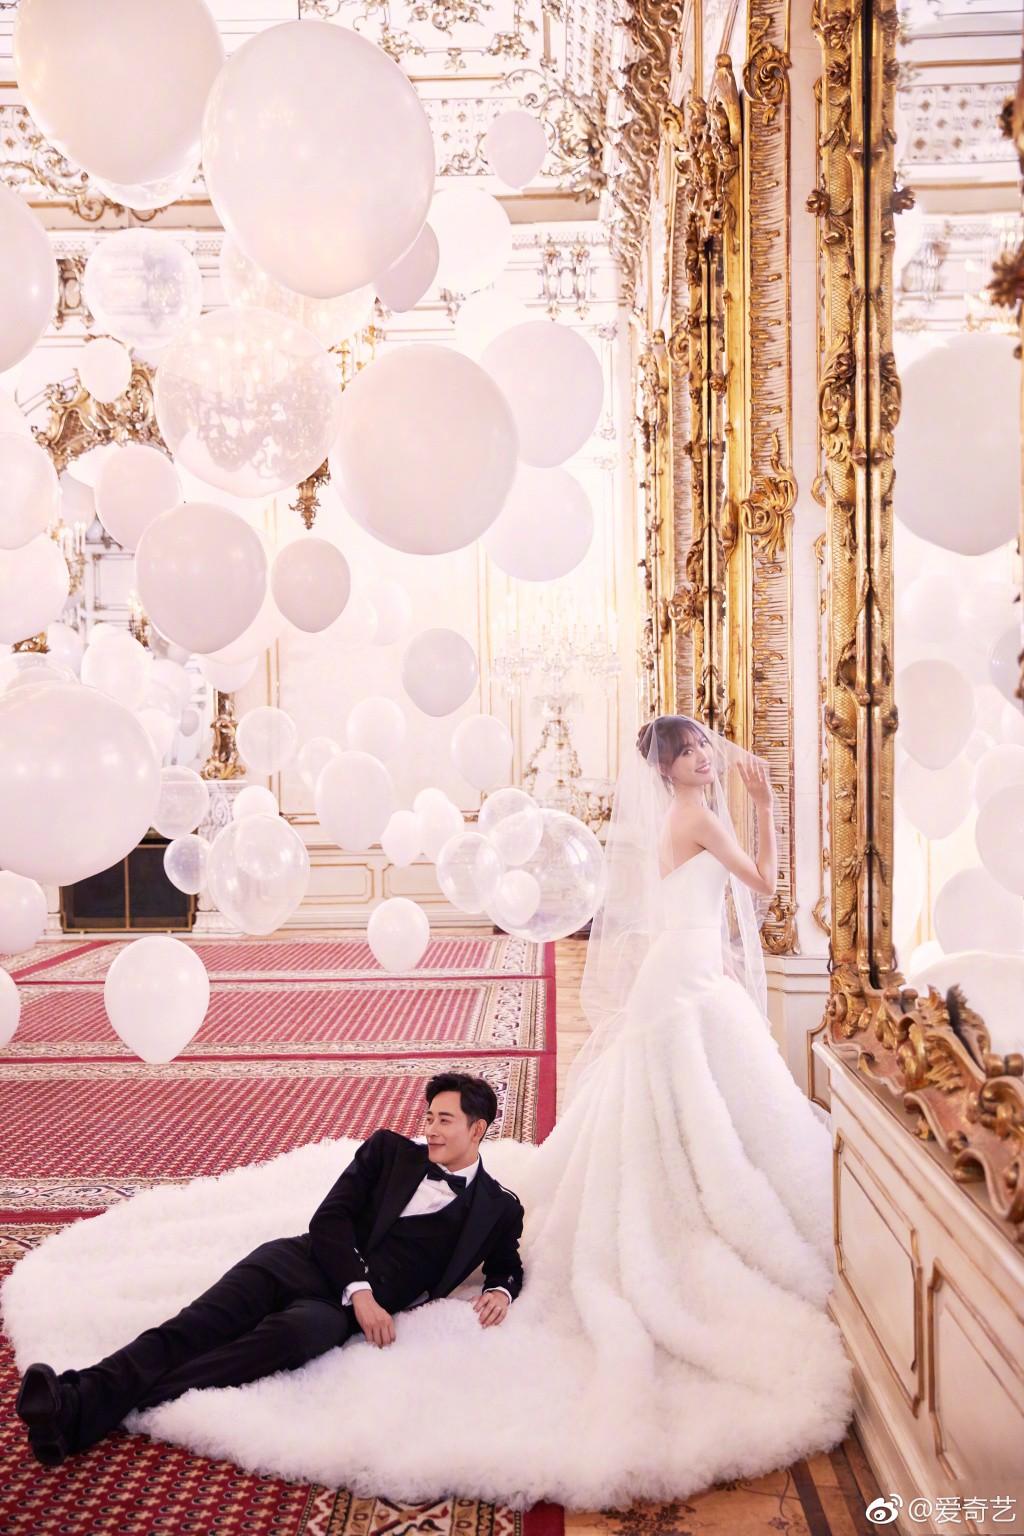 HOT: Sát giờ G, Đường Yên tung ảnh cưới đẹp như mơ, tuyên bố chính thức trở thành cô dâu của La Tấn - Ảnh 8.